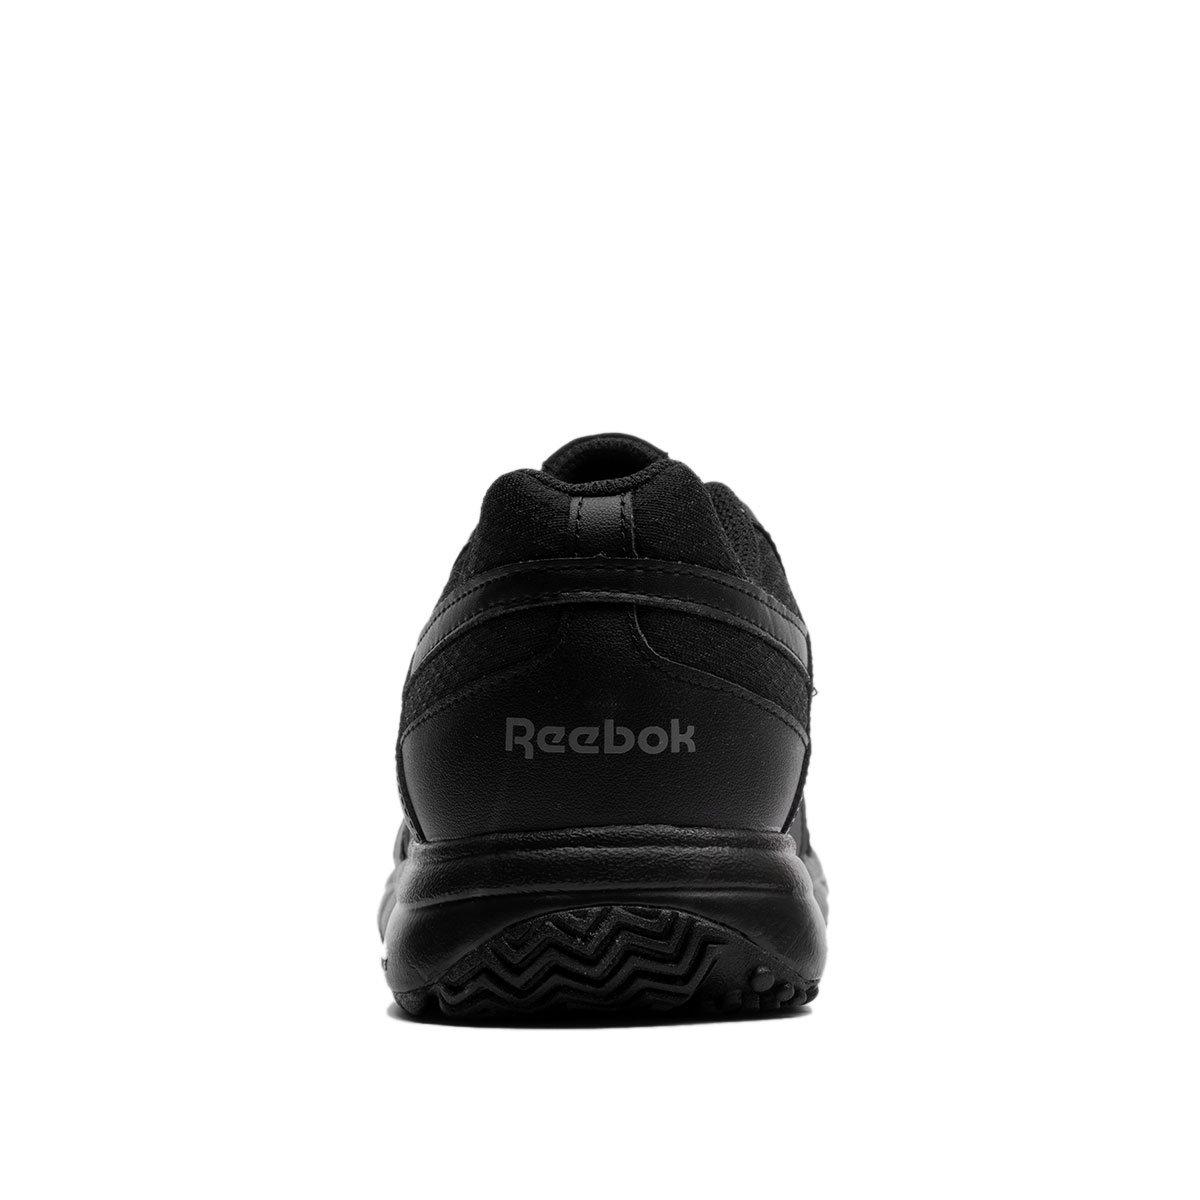 Reebok Work N Cushion 4.0